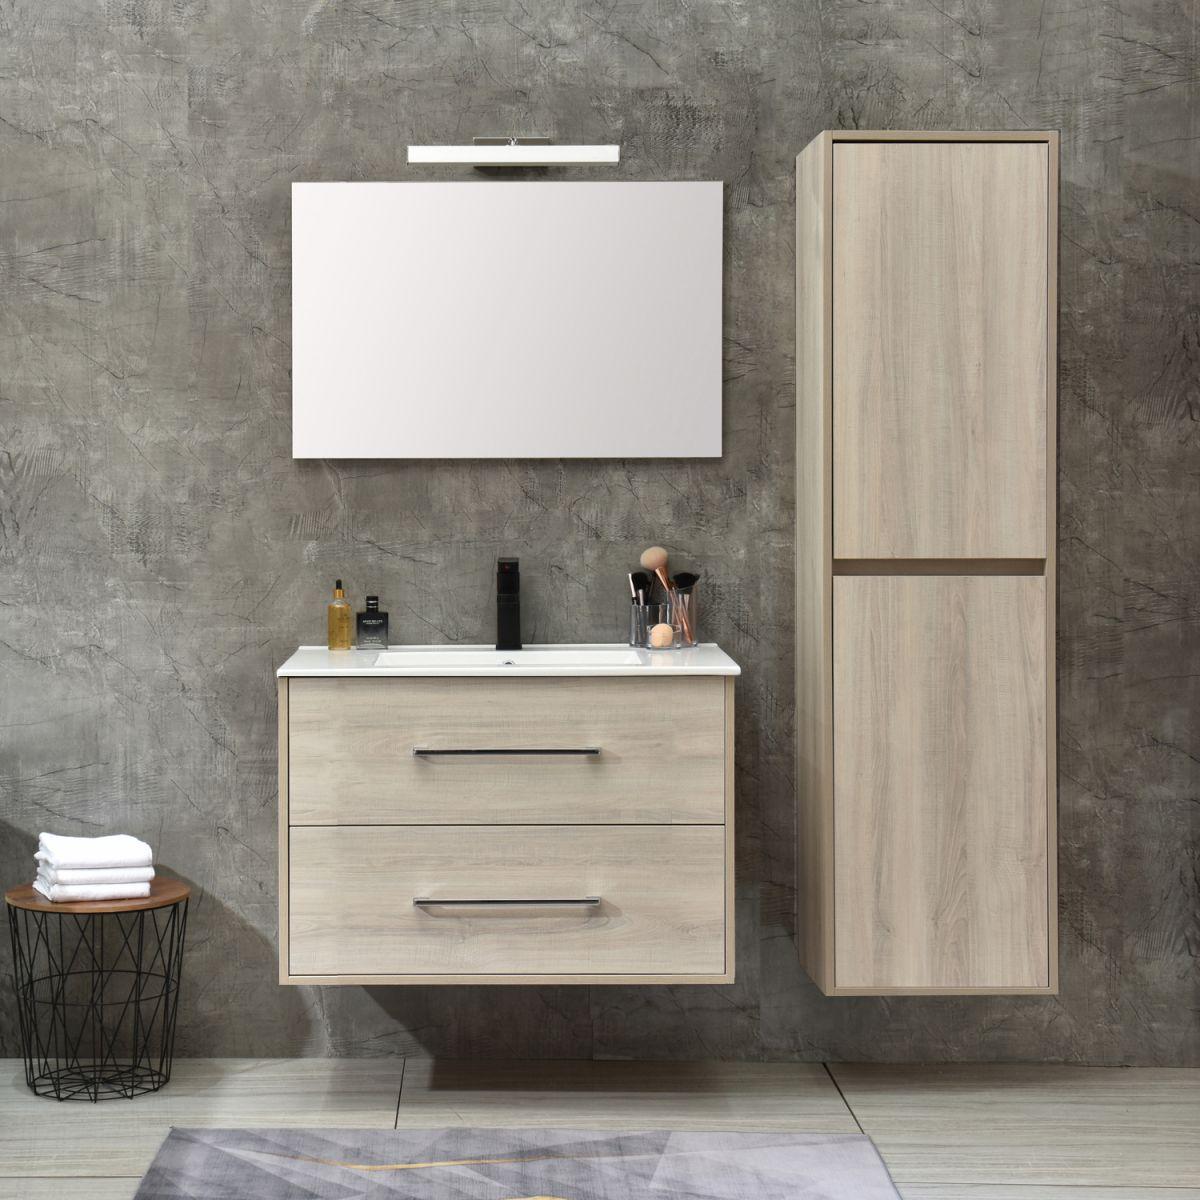 MF 1805 1 W Mobile bagno Praga sospeso 80 cm bianco effetto legno con lavabo,specchio e colonna pensile